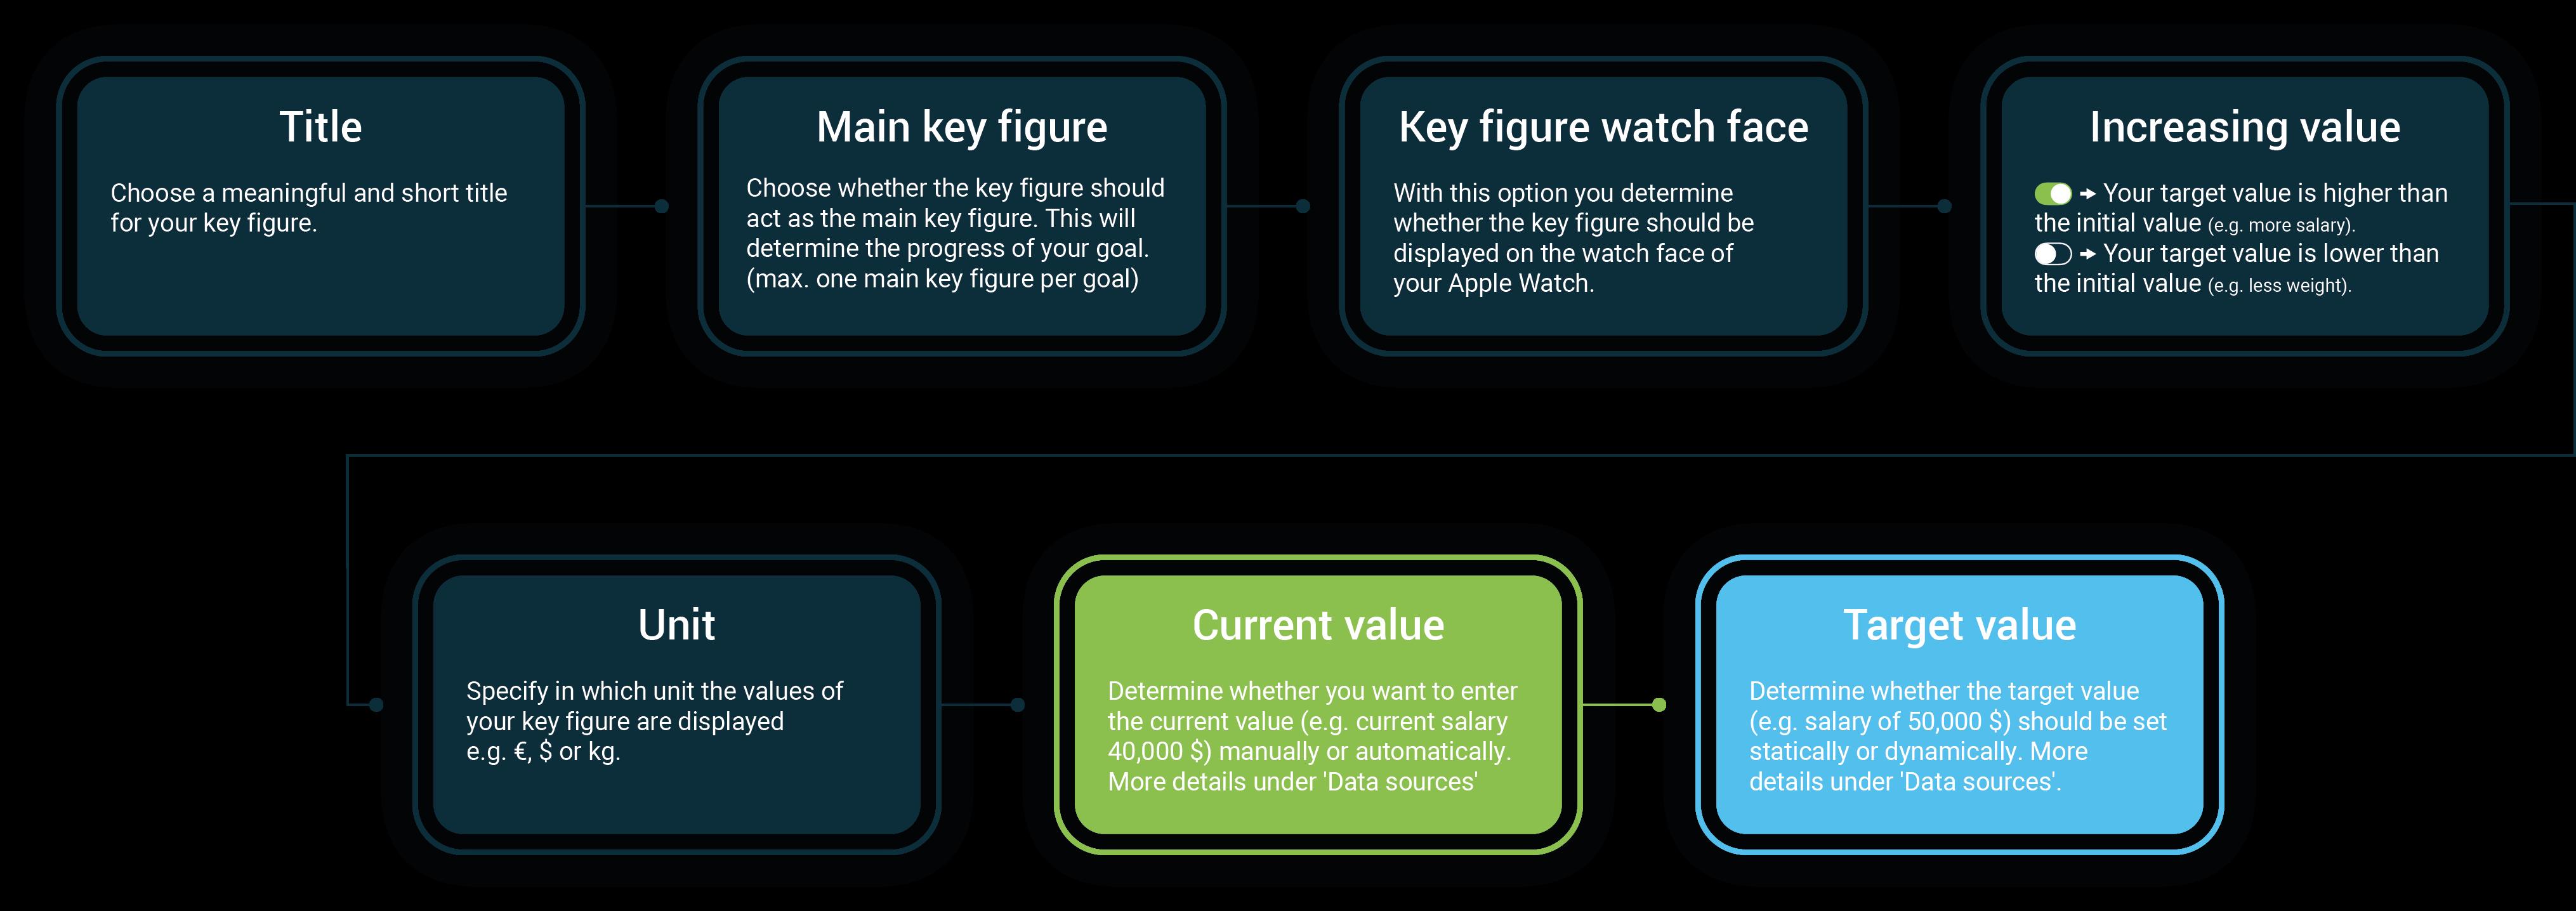 Target key figure